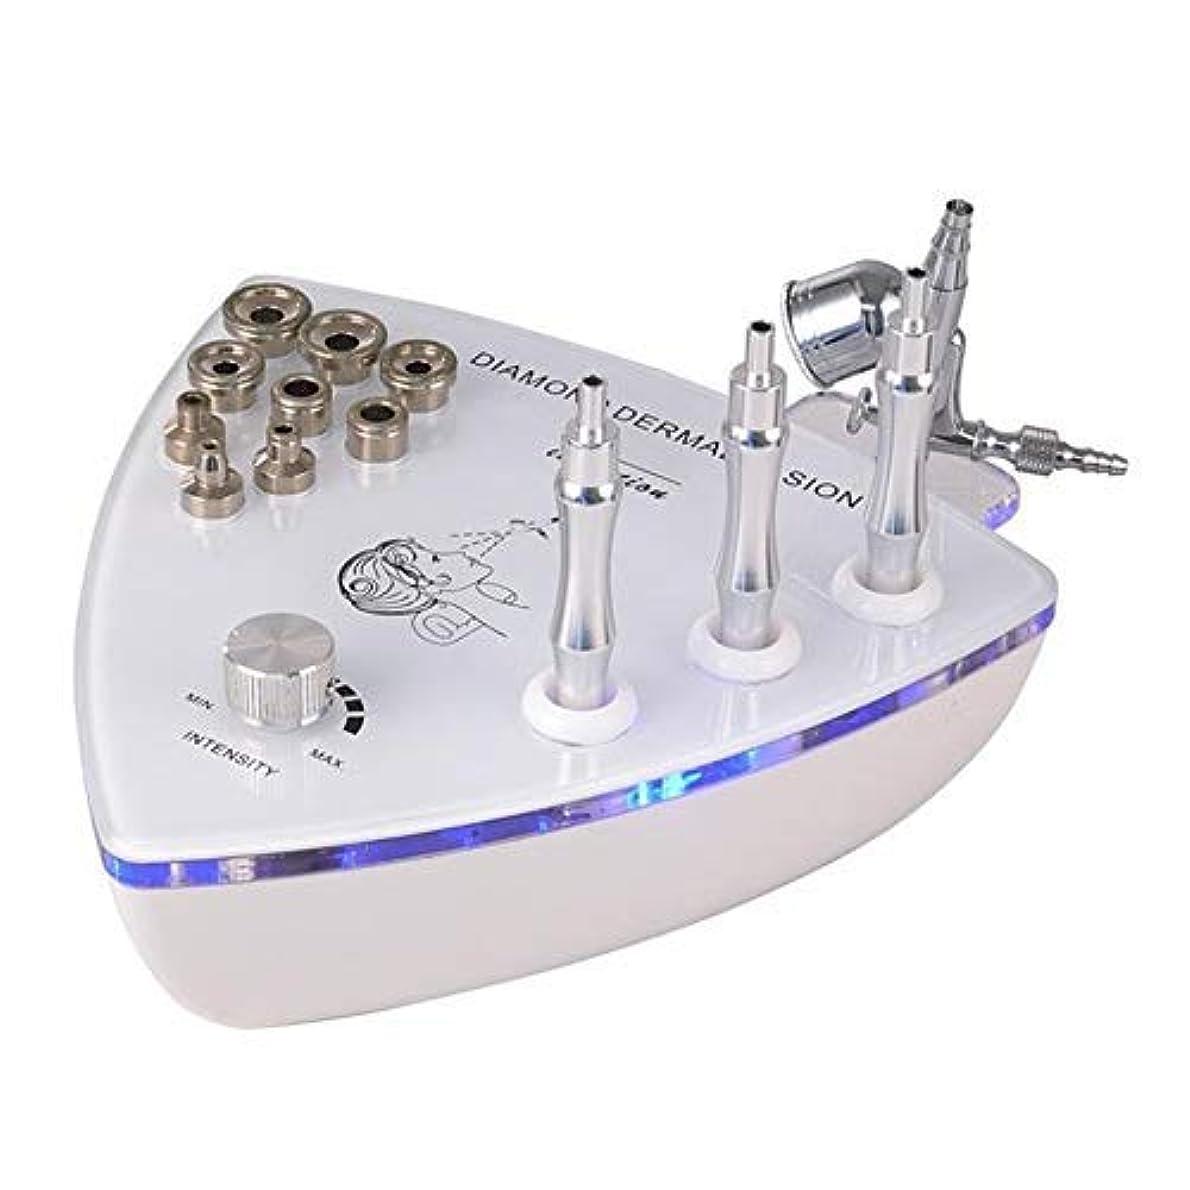 時々意図的サンダー美容機器、フェイシャルスキンケア機器、マイクロダーマブレーションマシン、マイクロダーマブレーションおむつダイヤモンドマイクロ彫刻美容機器、角質除去、角質除去、肌の若返り